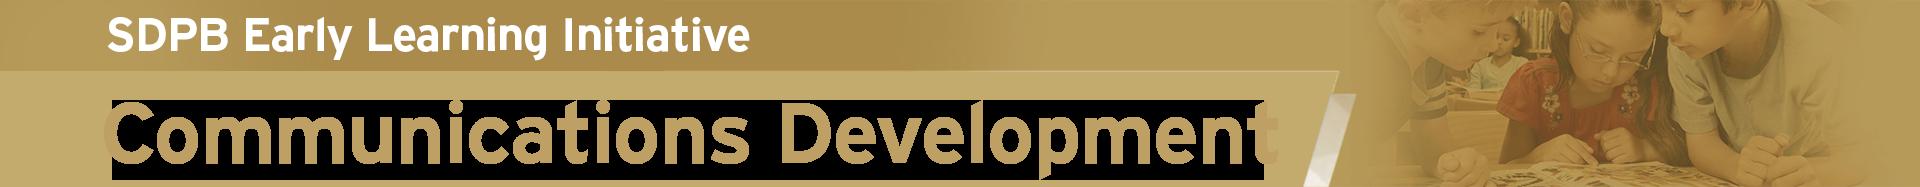 SDPB's ELI Communications Development